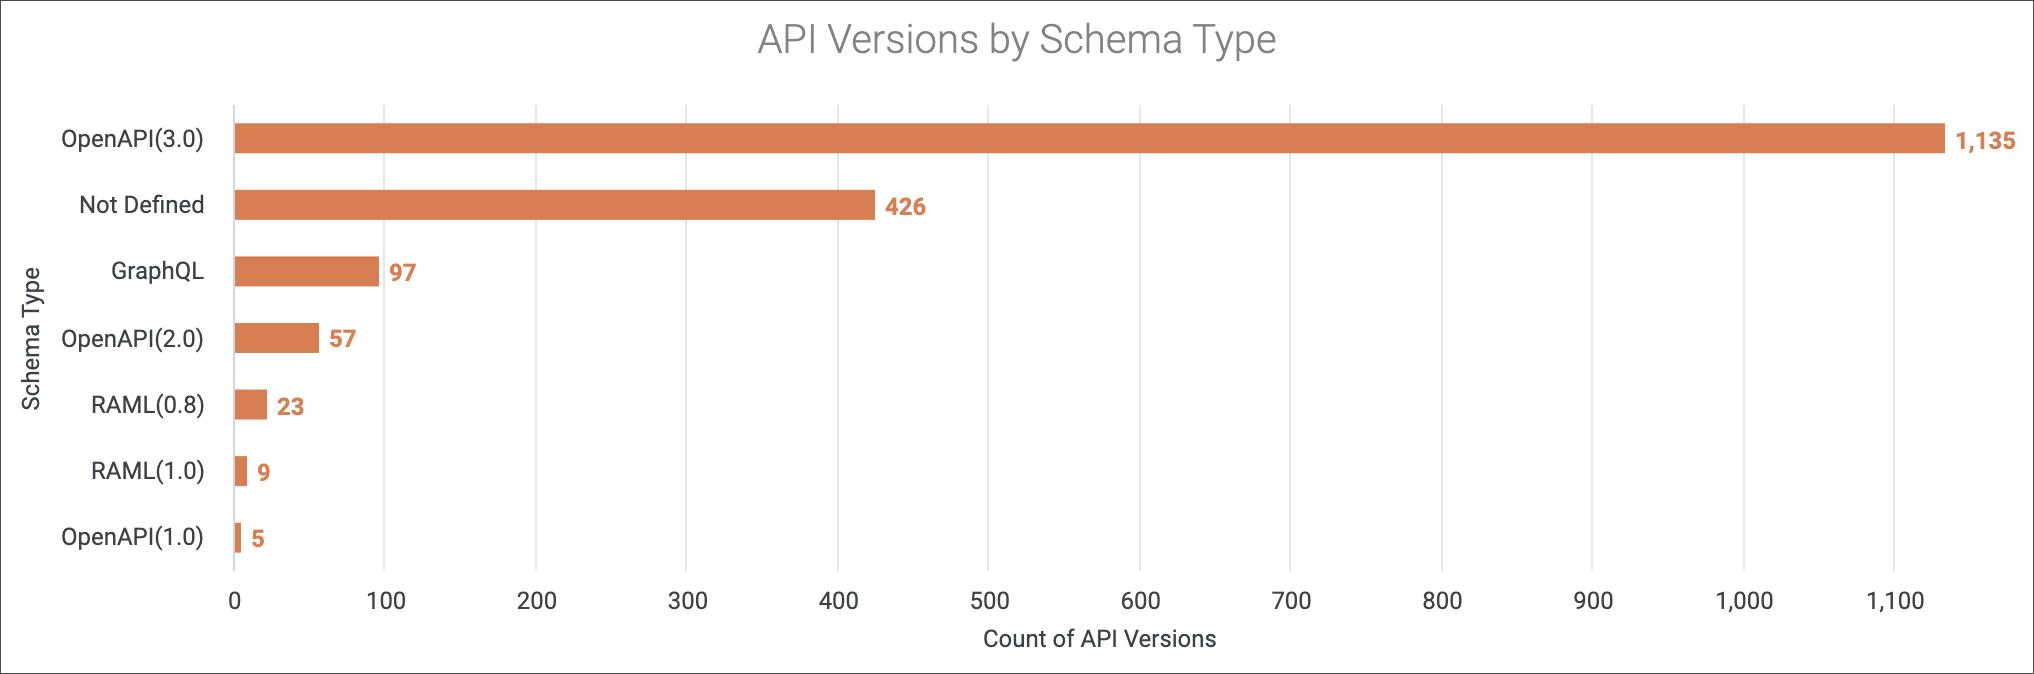 apis by schema type